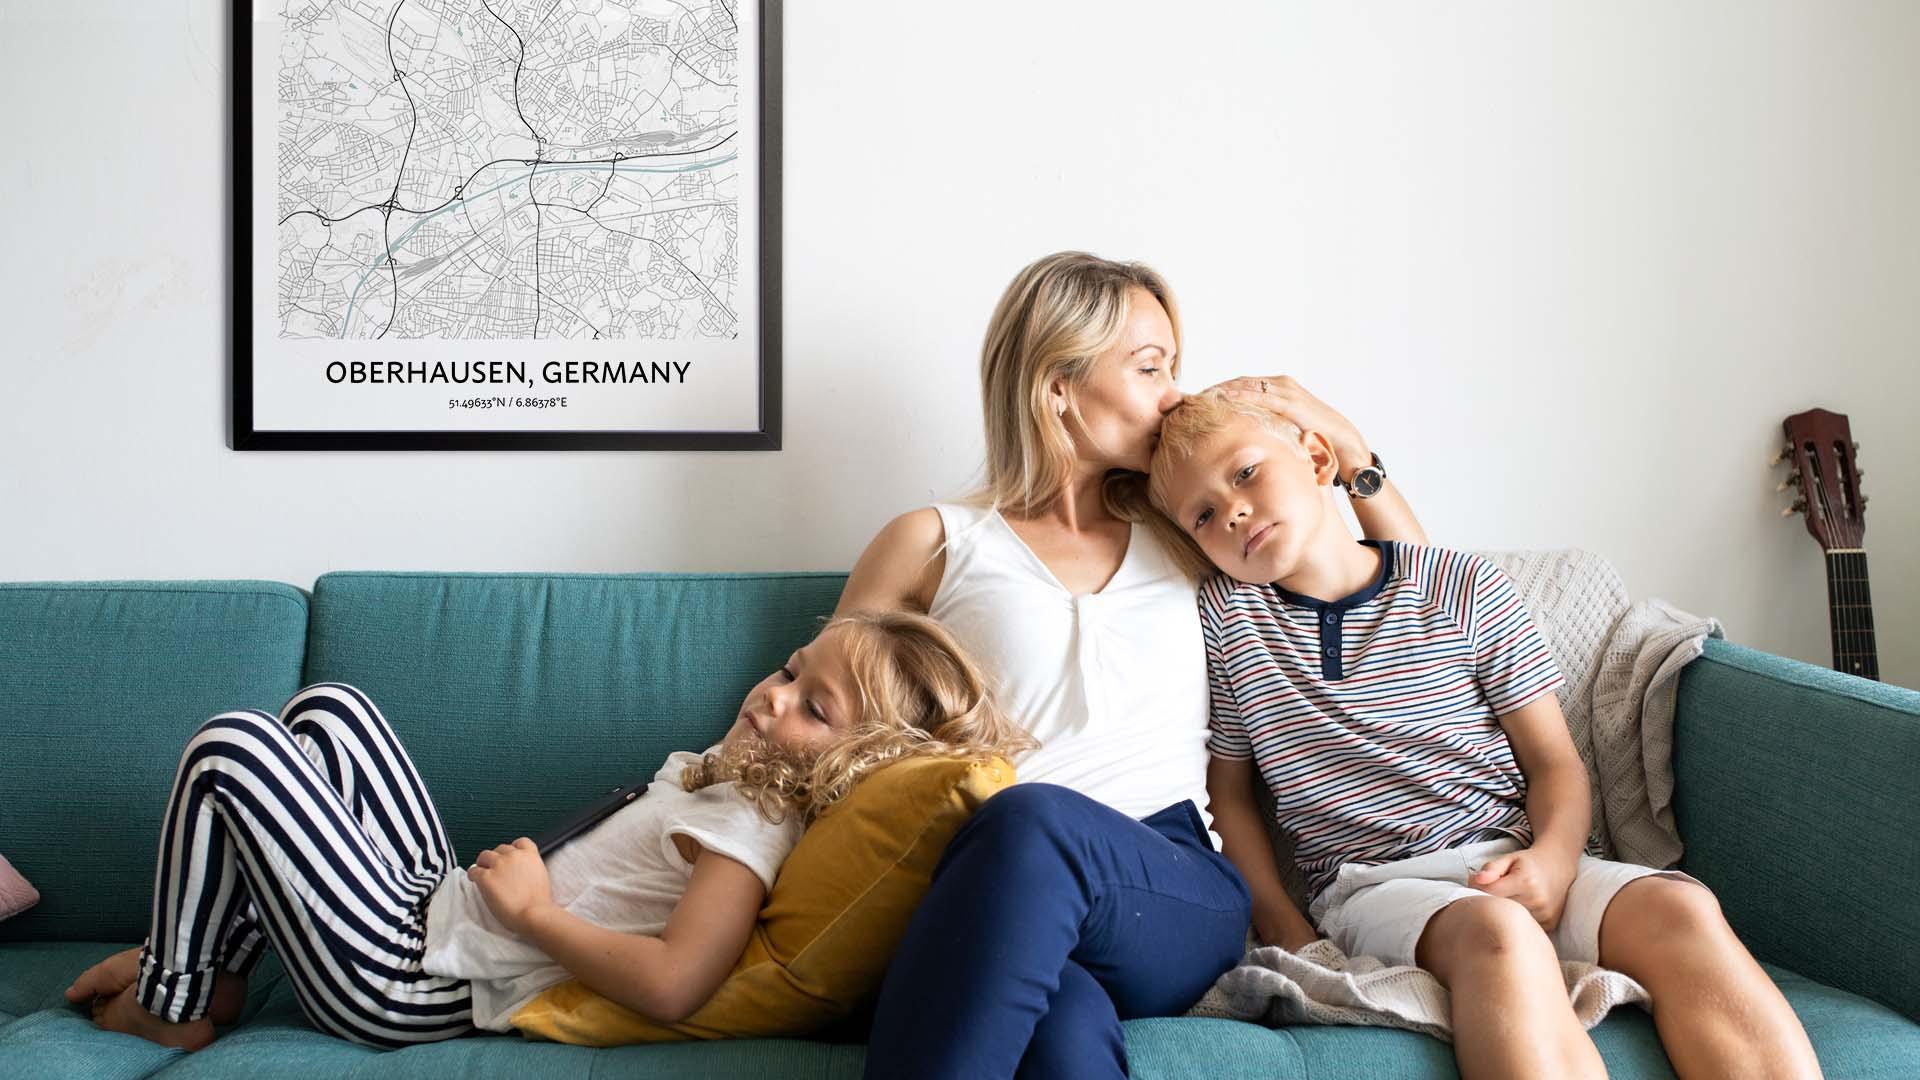 Oberhausen map poster